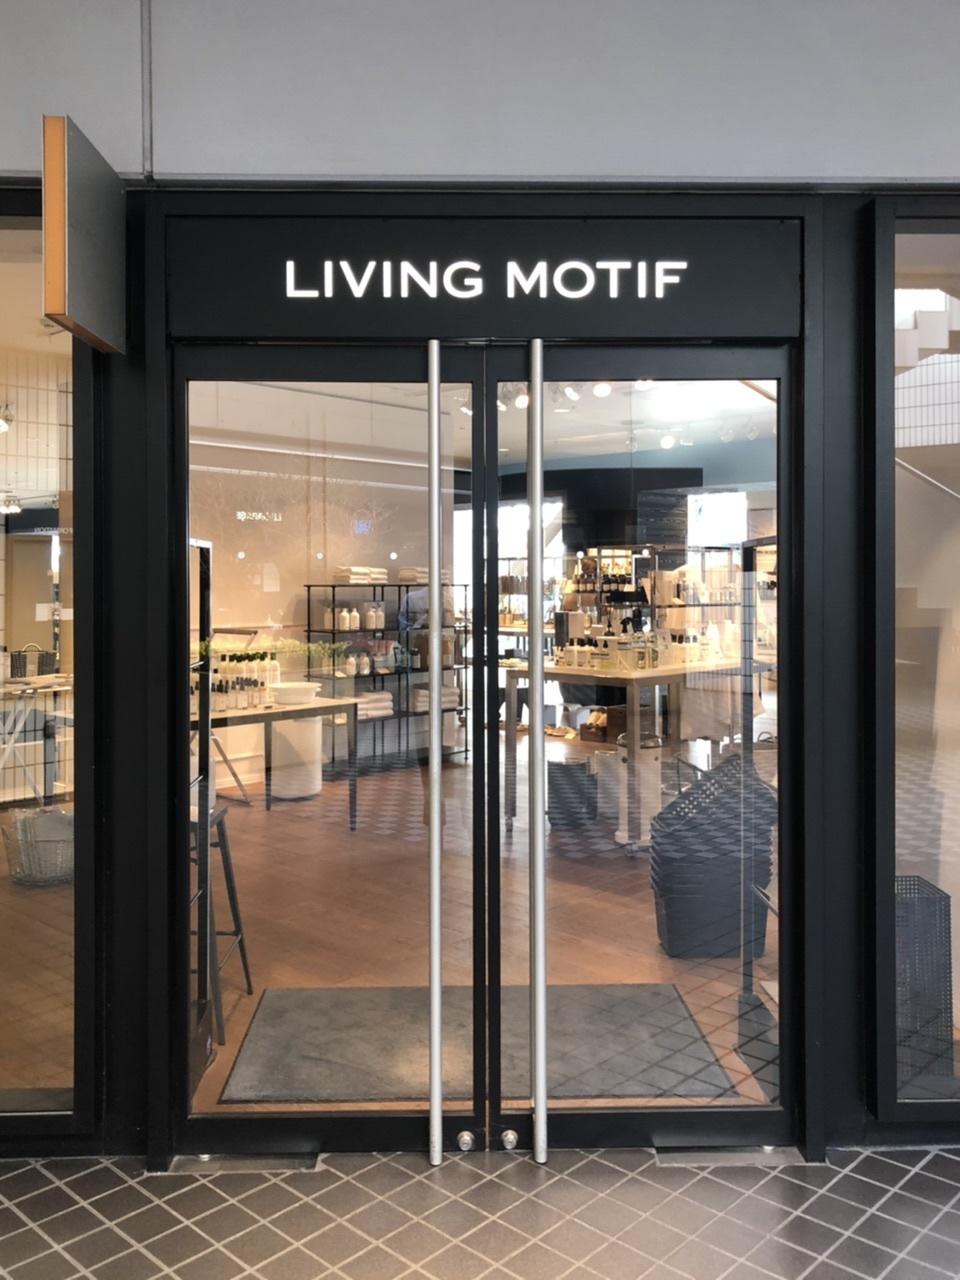 愛用ロングコートあれこれ&Living Motifへ_1_5-2